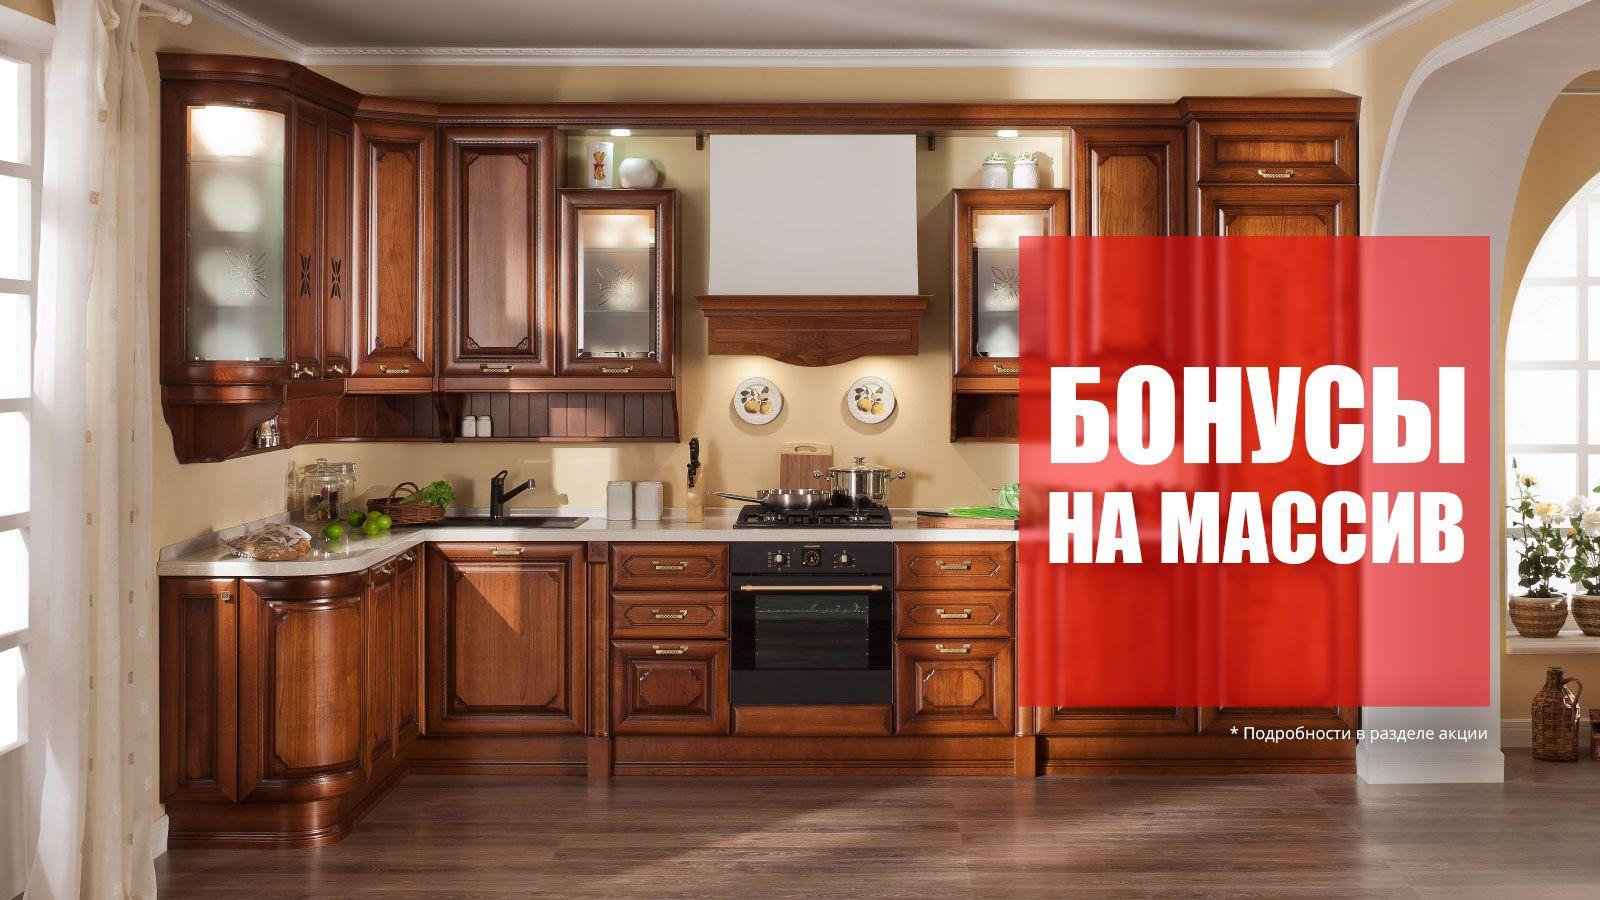 До 50 000 рублей выгоды на кухни из массива!